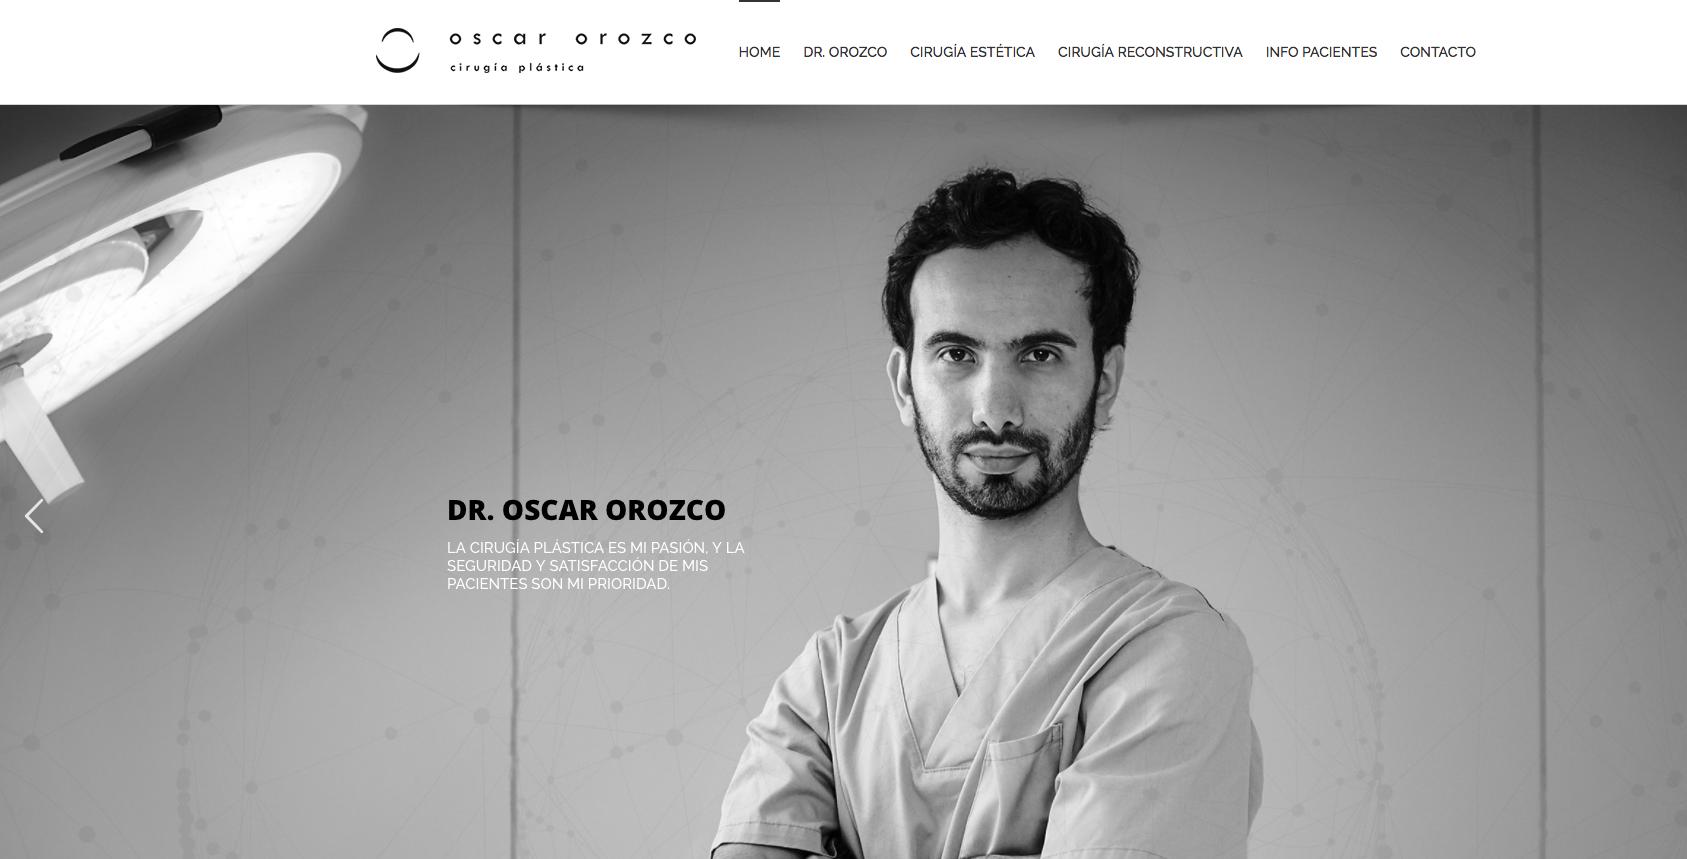 Oscar Orozco - Cirujano